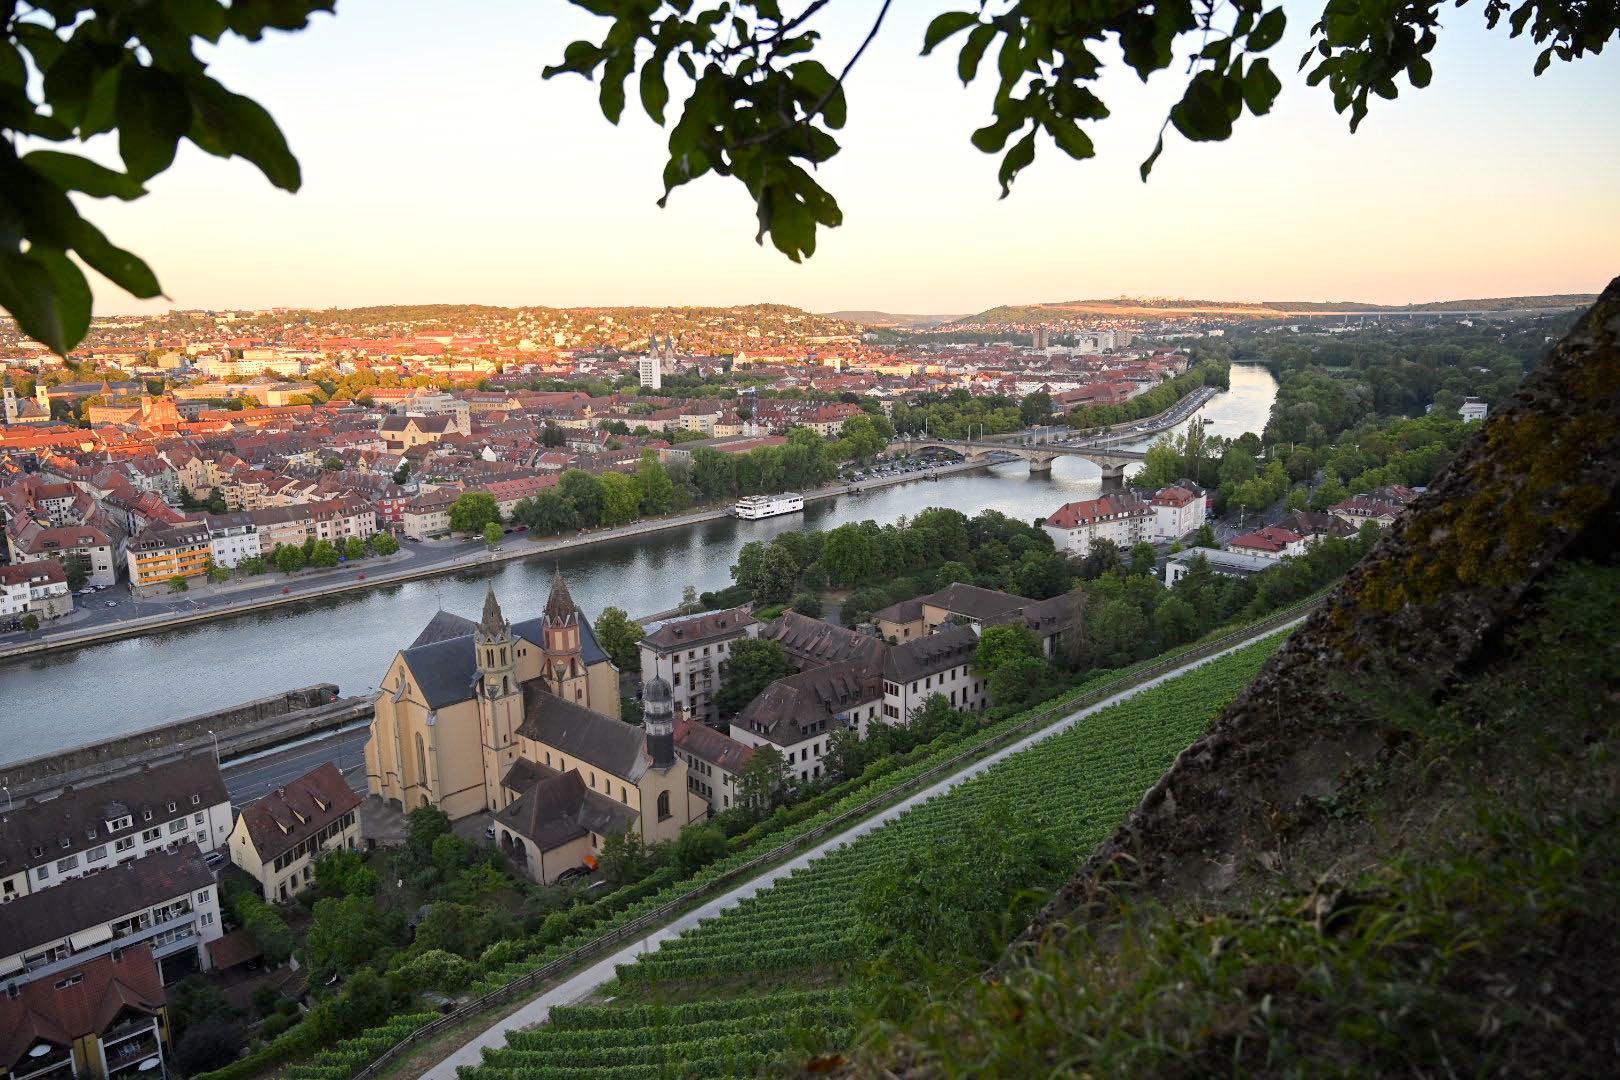 wuerzburg sehenswuerdigkeiten tipps 16 - Würzburg: Sehenswürdigkeiten und Tipps